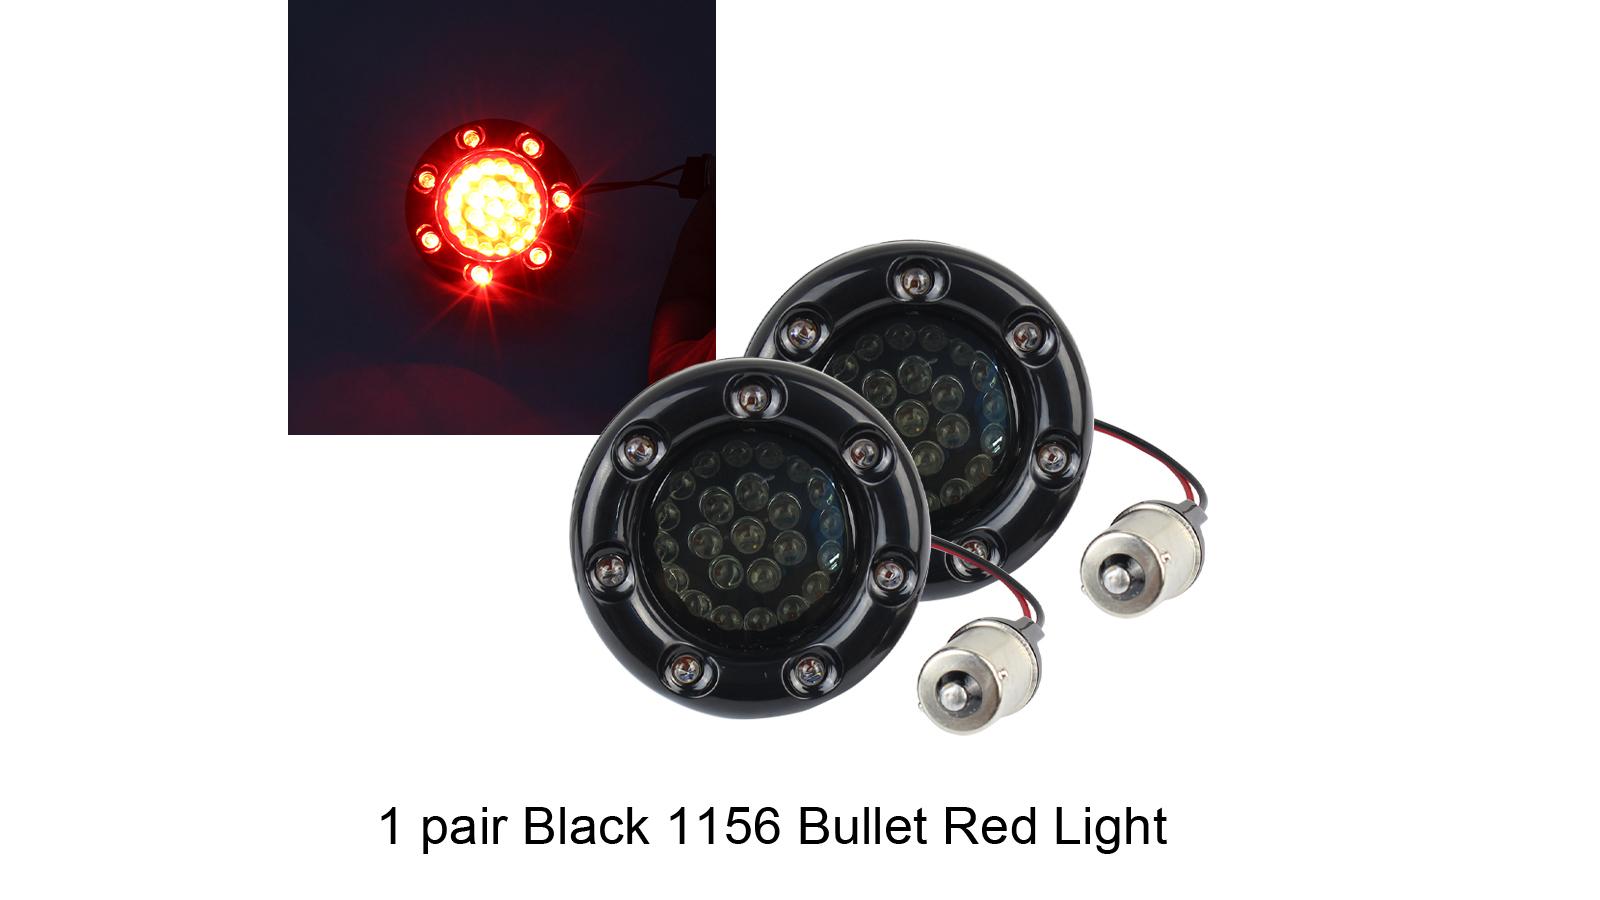 أحمر 1156 أدى النار الدائري بدوره إشارة ضوء لدراجة نارية داينا softail سبورتر flhx بدوره إشارات إدراج الأسود